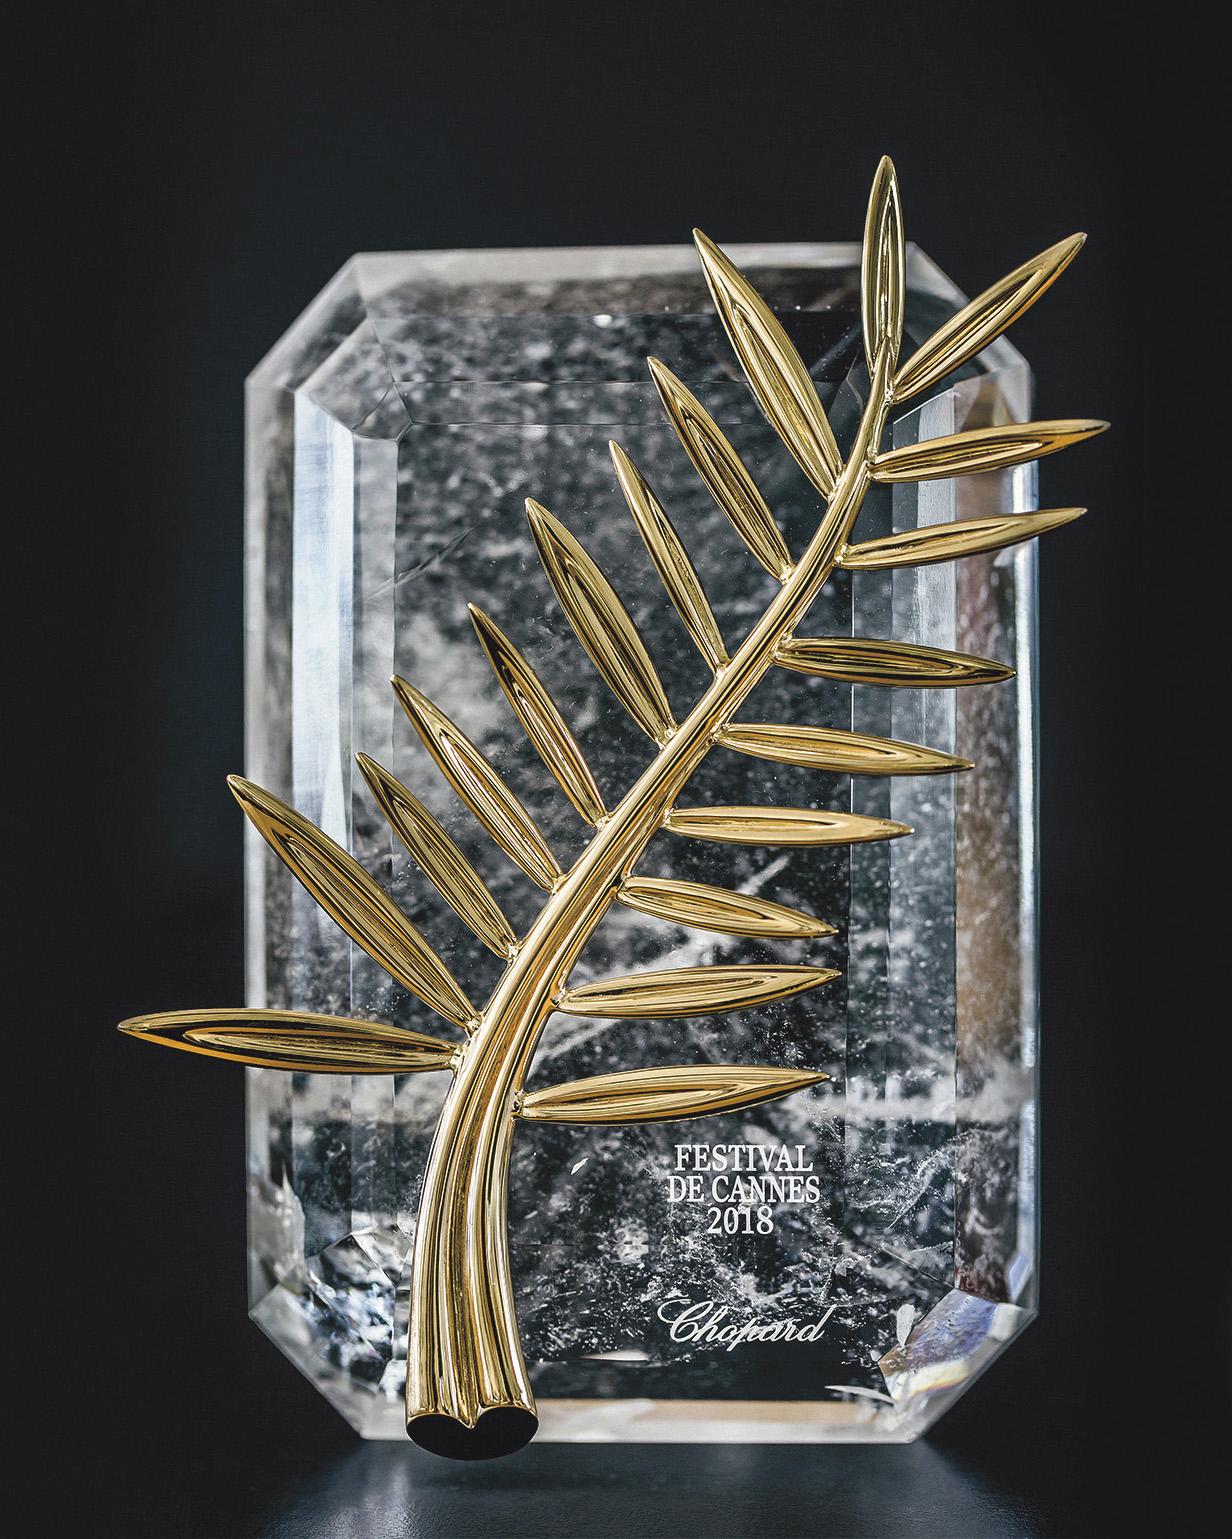 Palme d'or en or Fairmined du Festival de Cannes, signée Chopard.